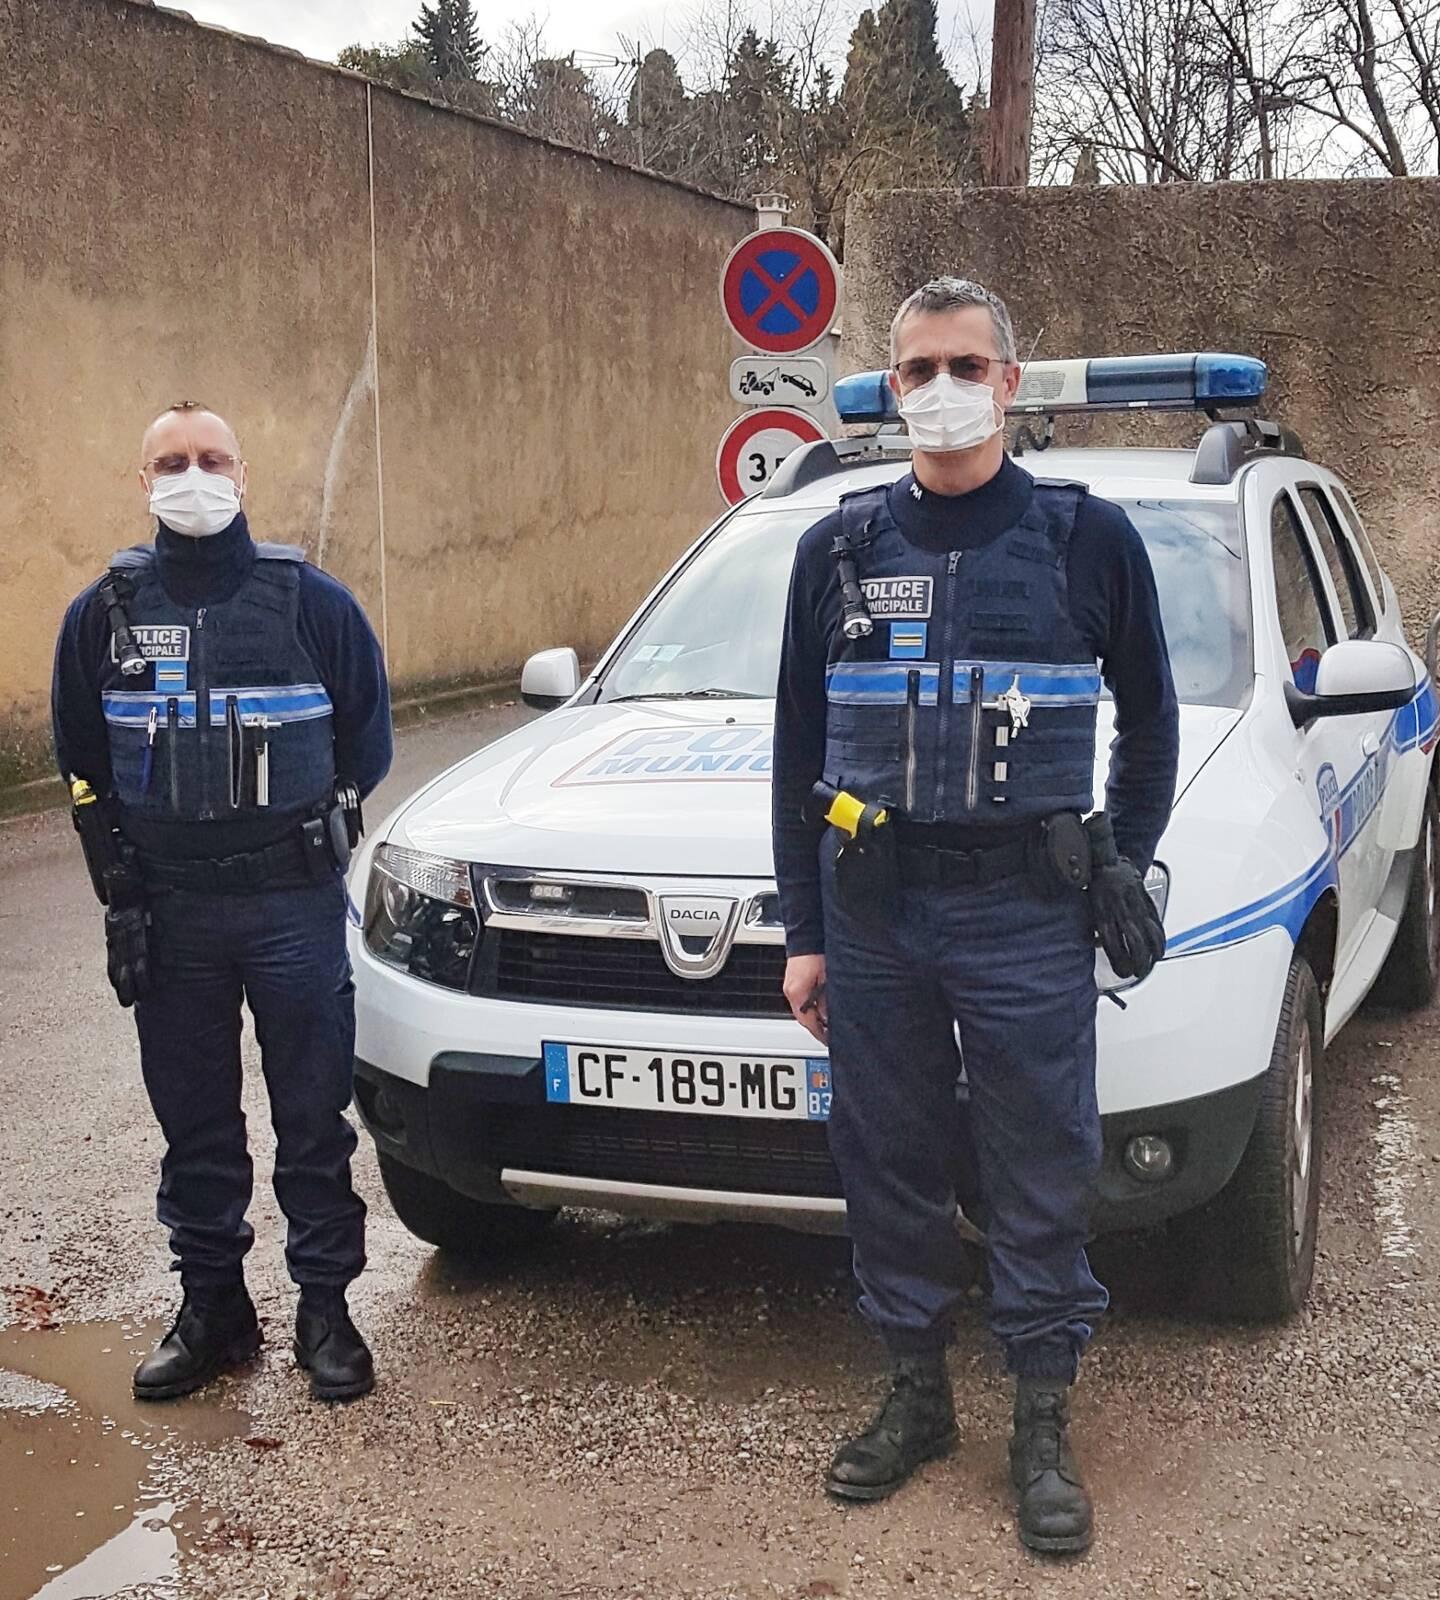 Les policiers municipaux Damien Taulier et Philippe Bernard seront bientôt dotés de jumelles de contrôle de vitesse.